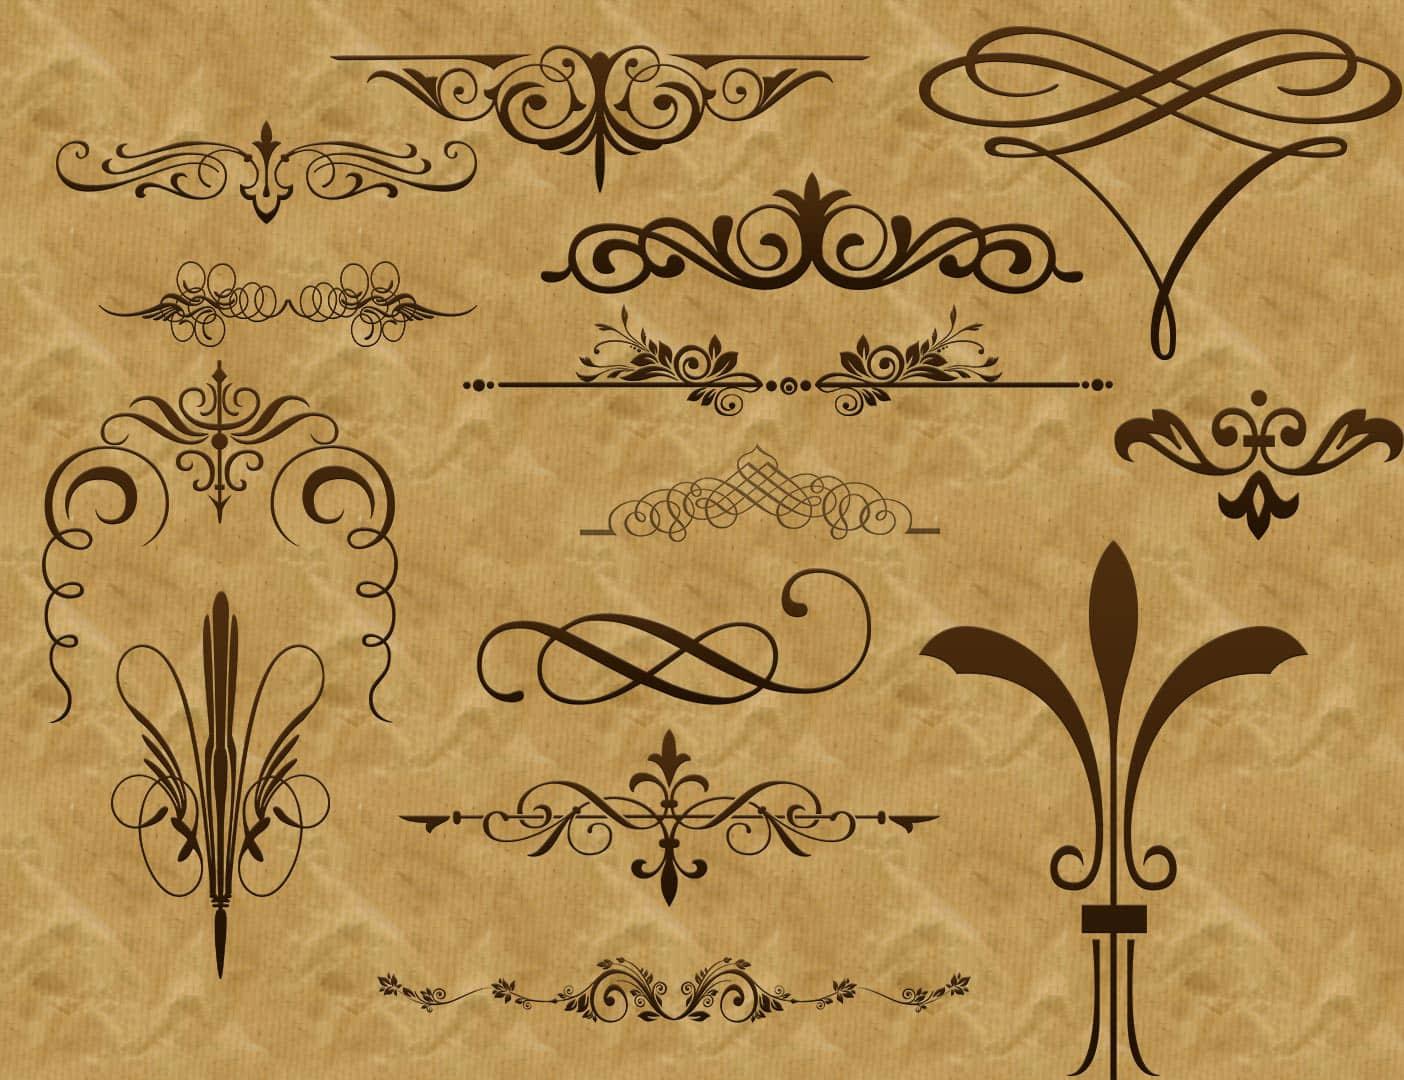 复古式欧洲贵族花纹图案PS笔刷下载 贵族花纹笔刷 花纹艺术笔刷 植物花纹笔刷 复古花纹笔刷 印花笔刷  flowers brushes